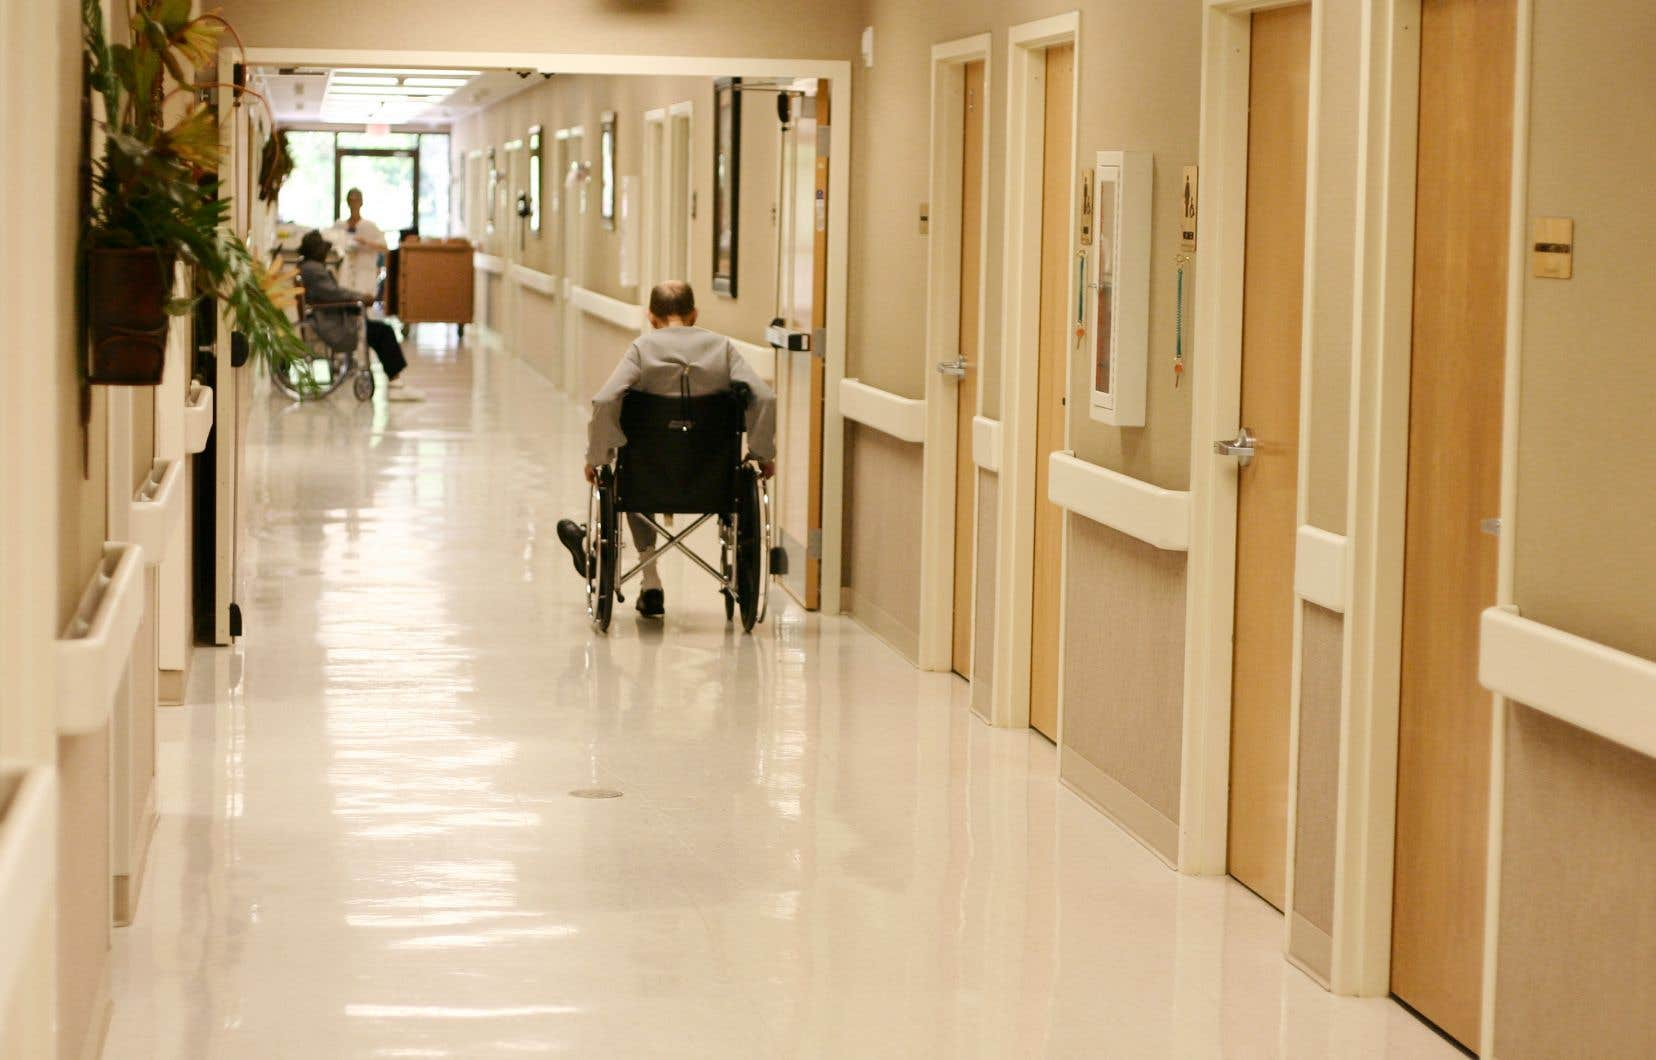 «Il est plus difficile d'augmenter la capacité de soins en CHSLD, là où les besoins sont désormais les plus criants», croit l'auteur.